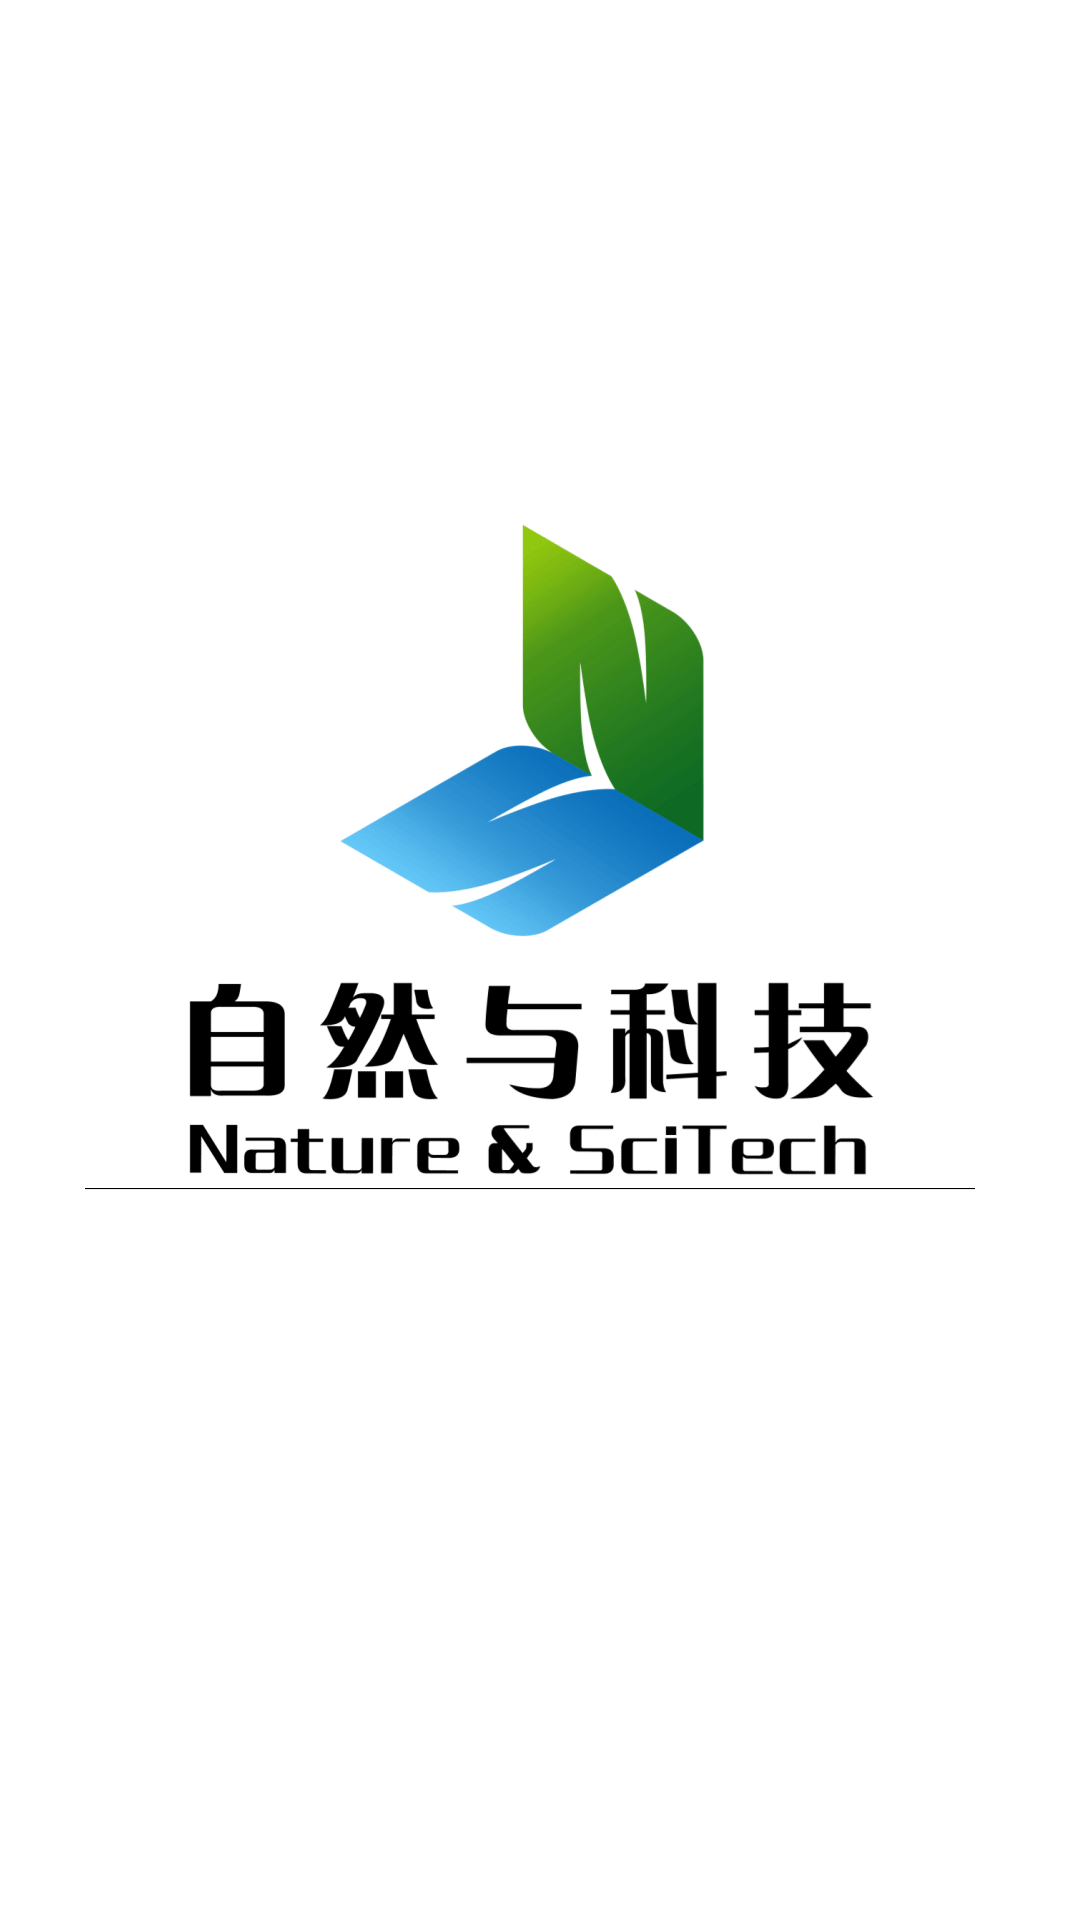 《自然与科技》杂志是由上海市科委主管、上... 《自然与科技》杂志是由上海市科委主管、上海科技馆主办的科普杂志,面向全国发行。它的前身是创办于1979年的《自然与人》,为了更好地适应科普事业发展的需要,杂志2006年更名为目前的刊名。 自1979年创刊以来,《自然与科技》一直坚守其生动有趣、通俗易懂的平民化特色。本刊实时跟踪国内外科技动向,关注全球生态环境,致力于探讨自然人科技间的关系。2007年,本刊获得由上海市新闻出版局、上海市科学技术委员会颁发的上海市科技期刊编校优等奖。 本刊为大16开本